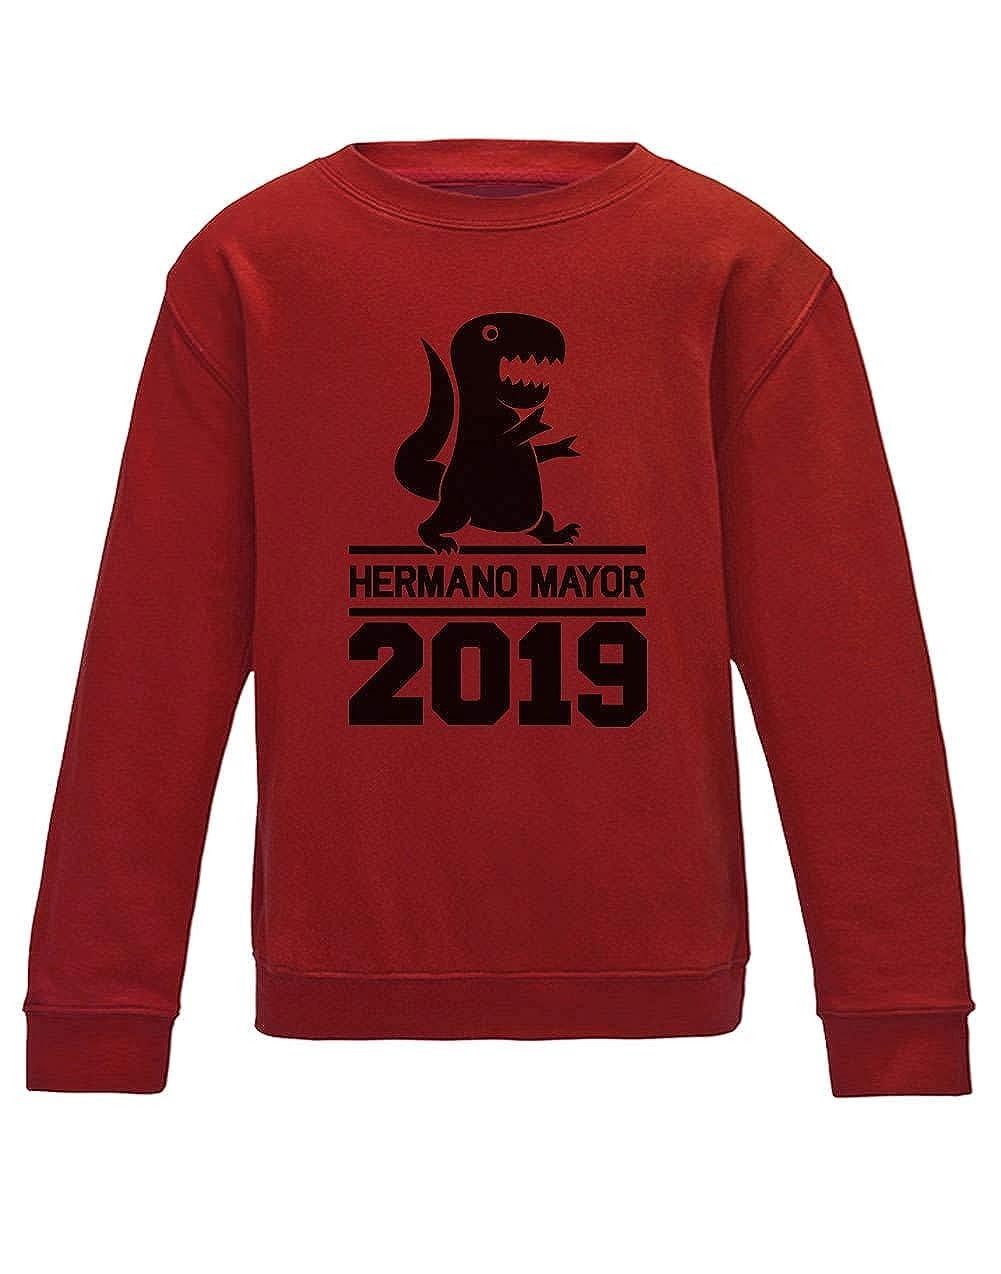 Green Turtle T-Shirts Sudadera para niños - Hermano Mayor Hermanos Mayores: Amazon.es: Ropa y accesorios